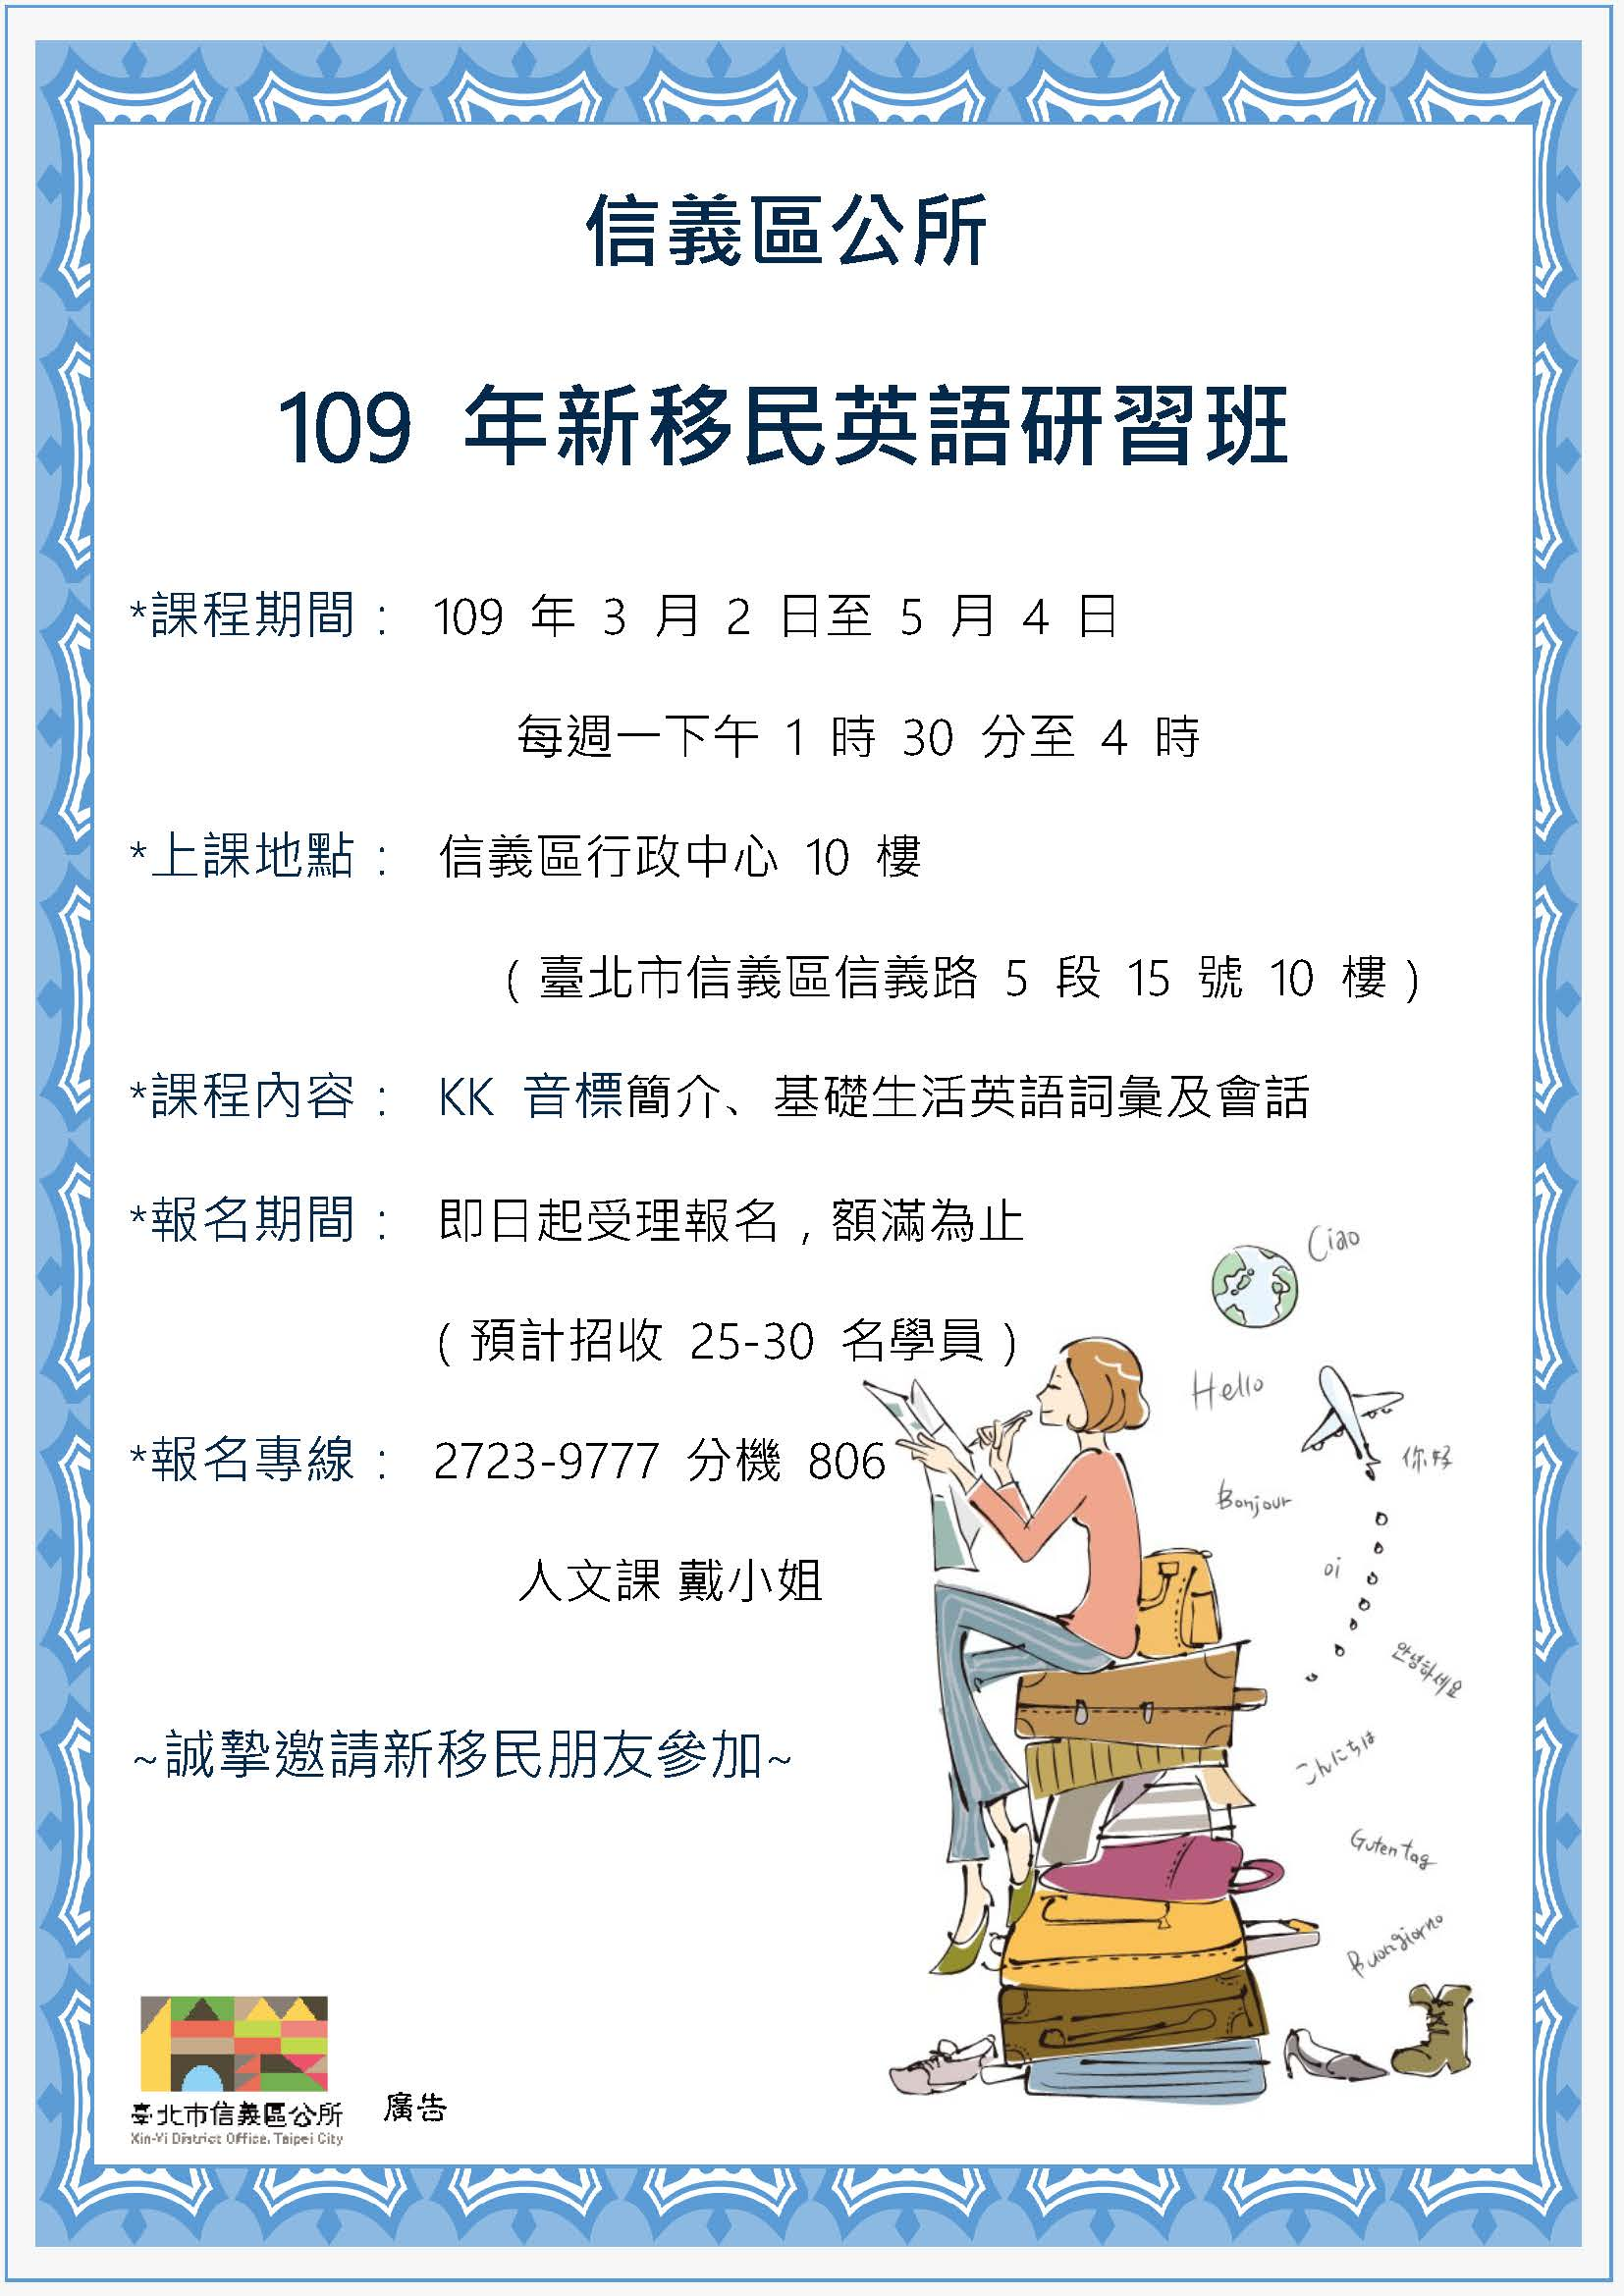 109年新移民英語研習班